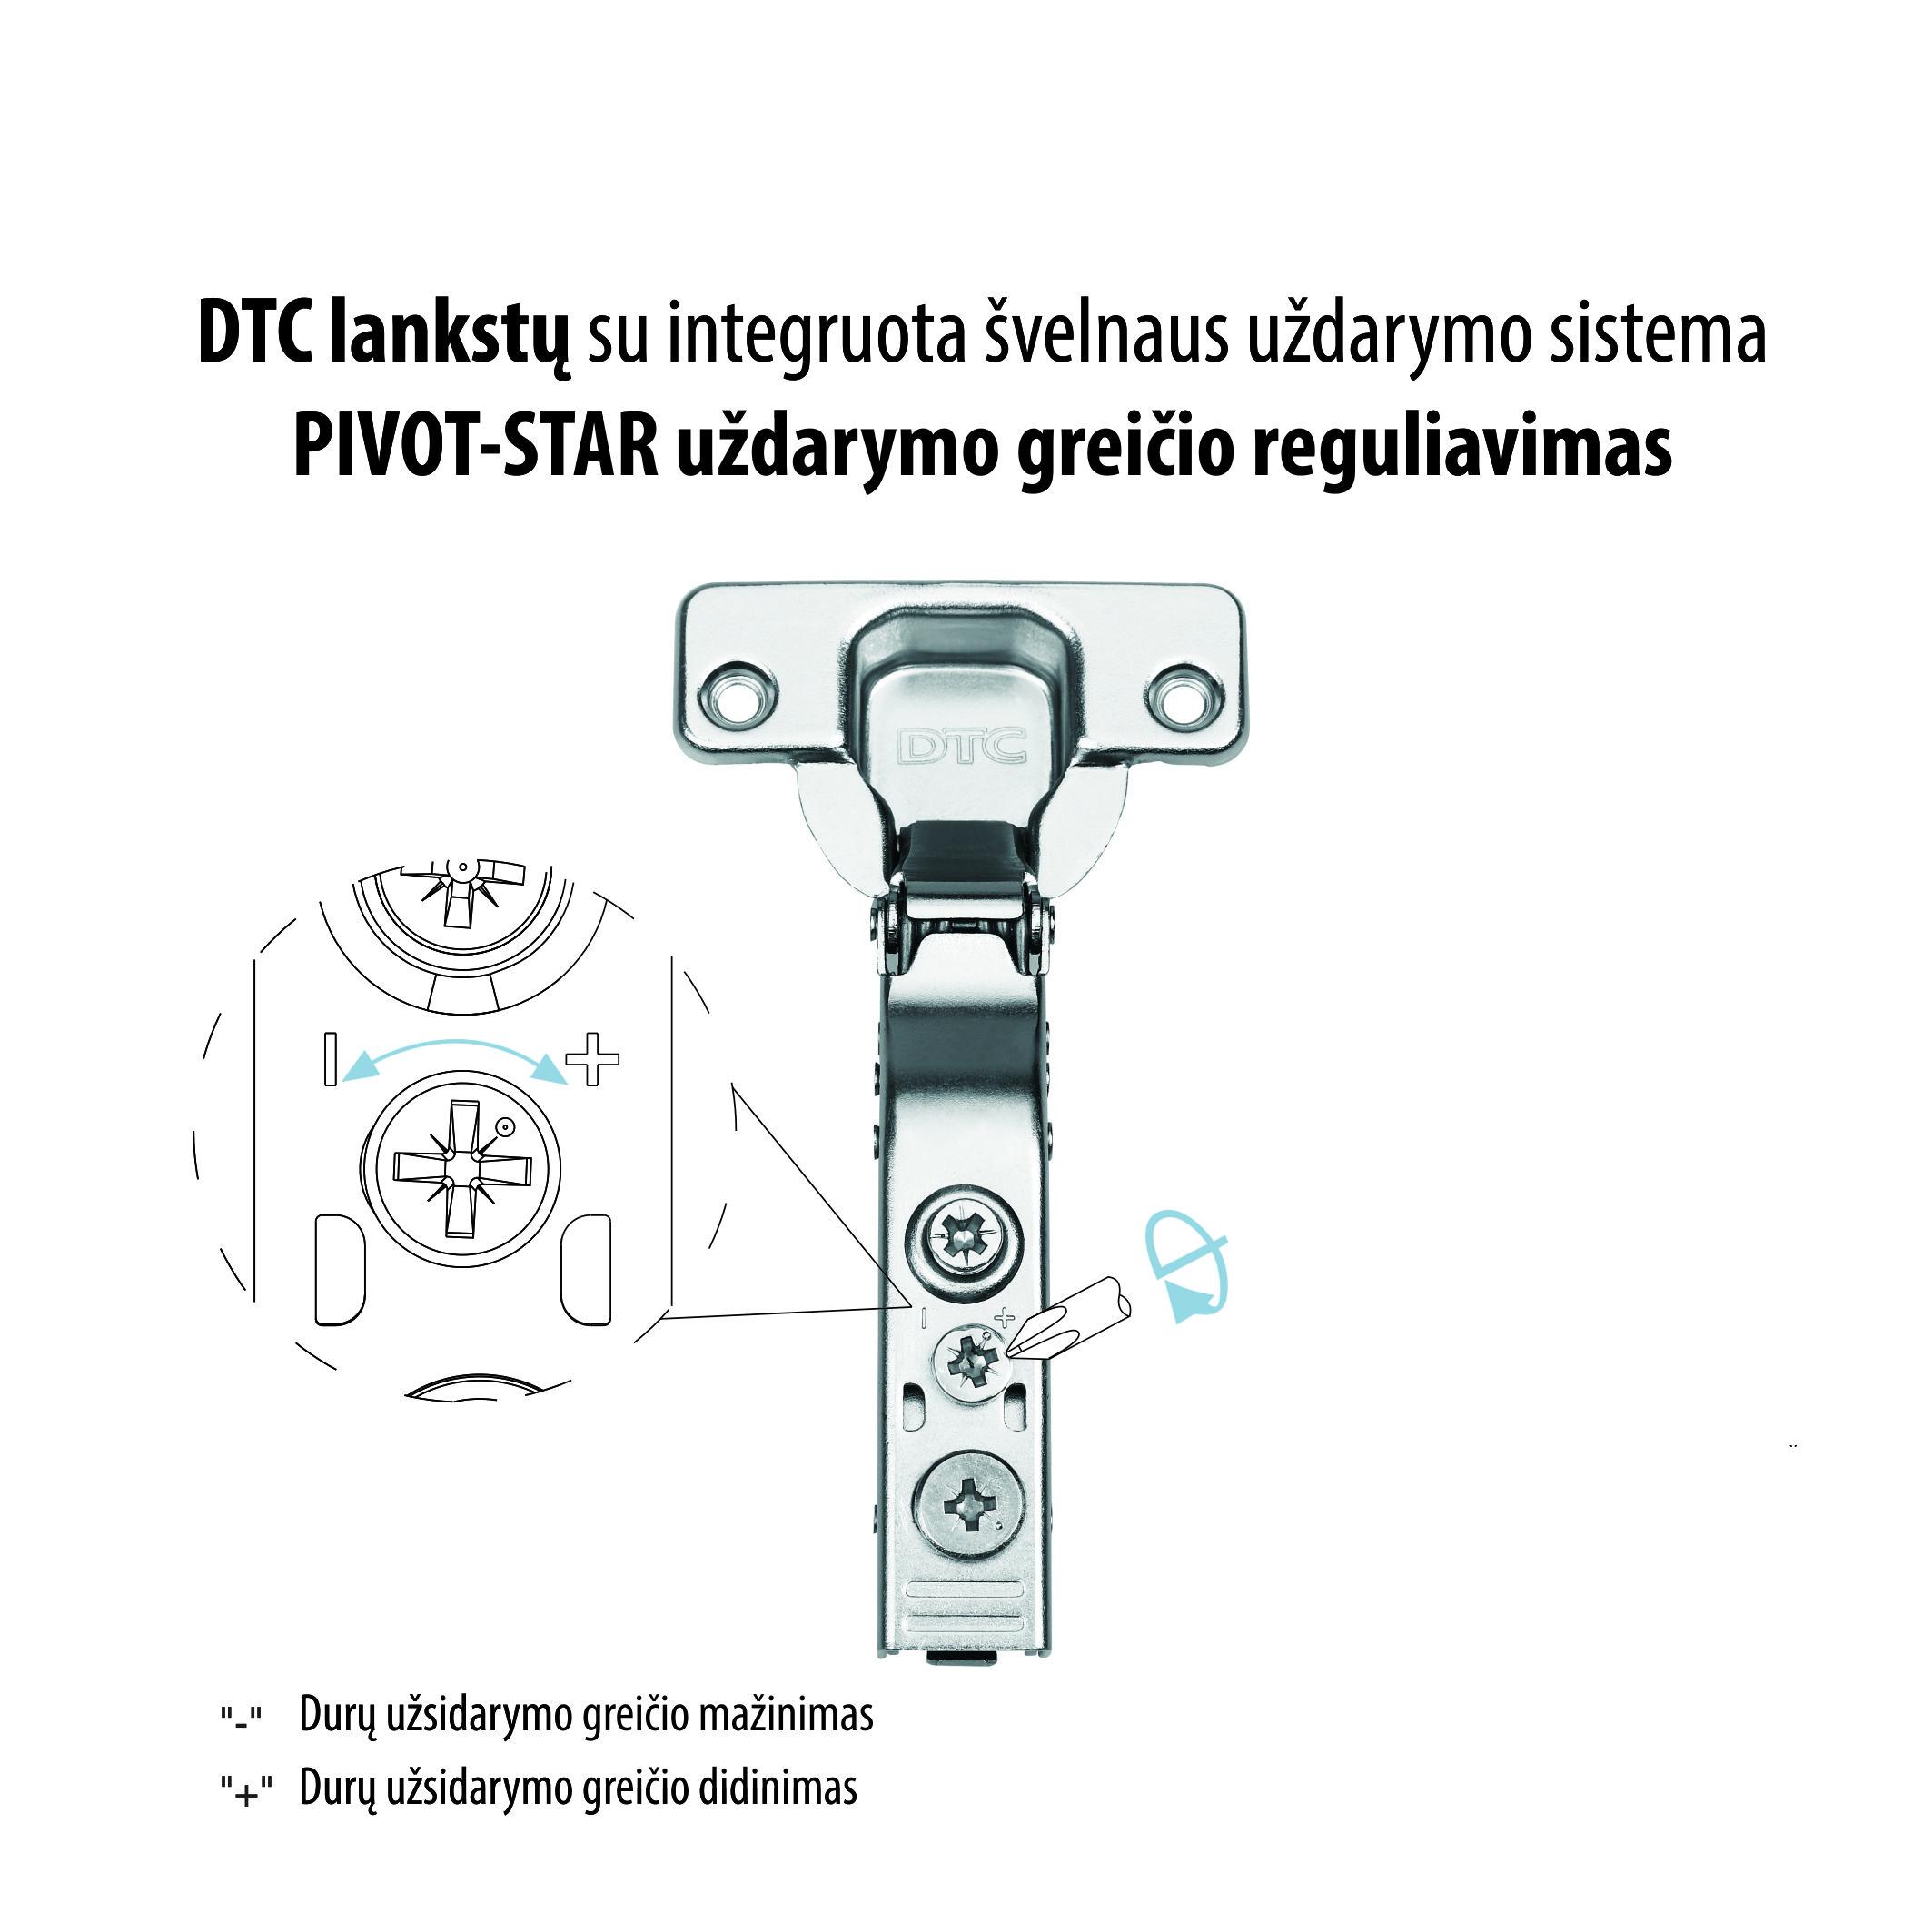 DTC lansktų užsidarymo greičio reguliavimas